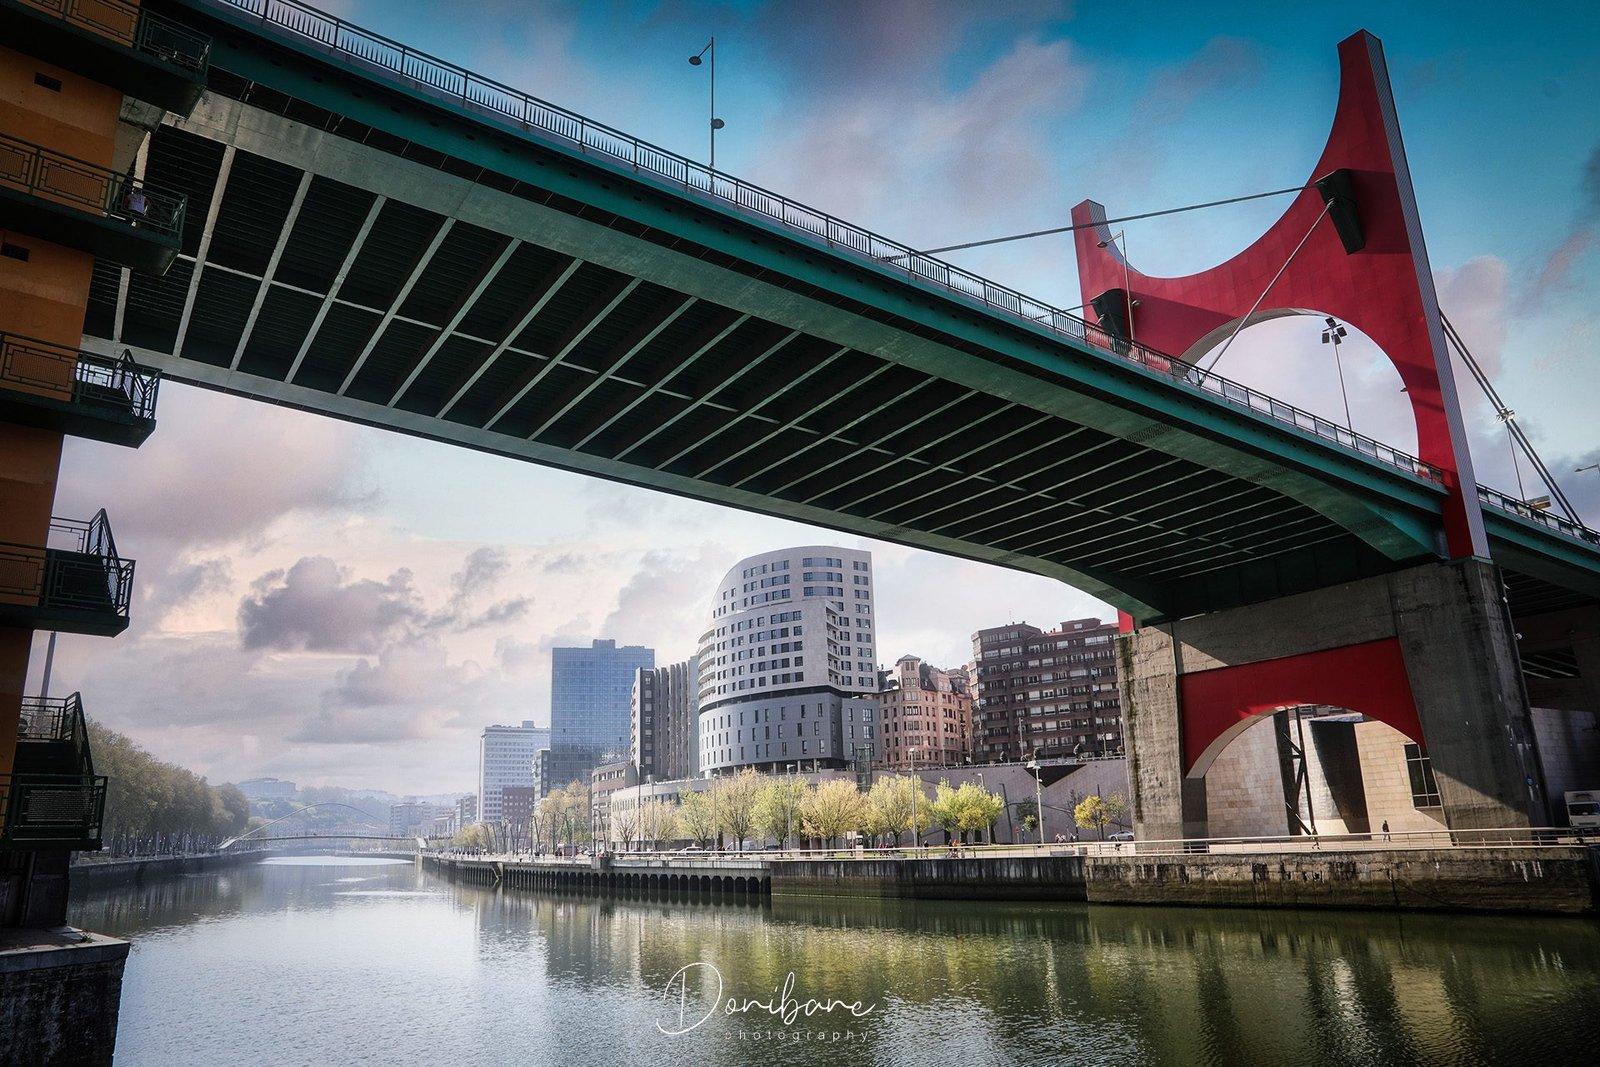 Puente la Salve en Bilbao por Donibane